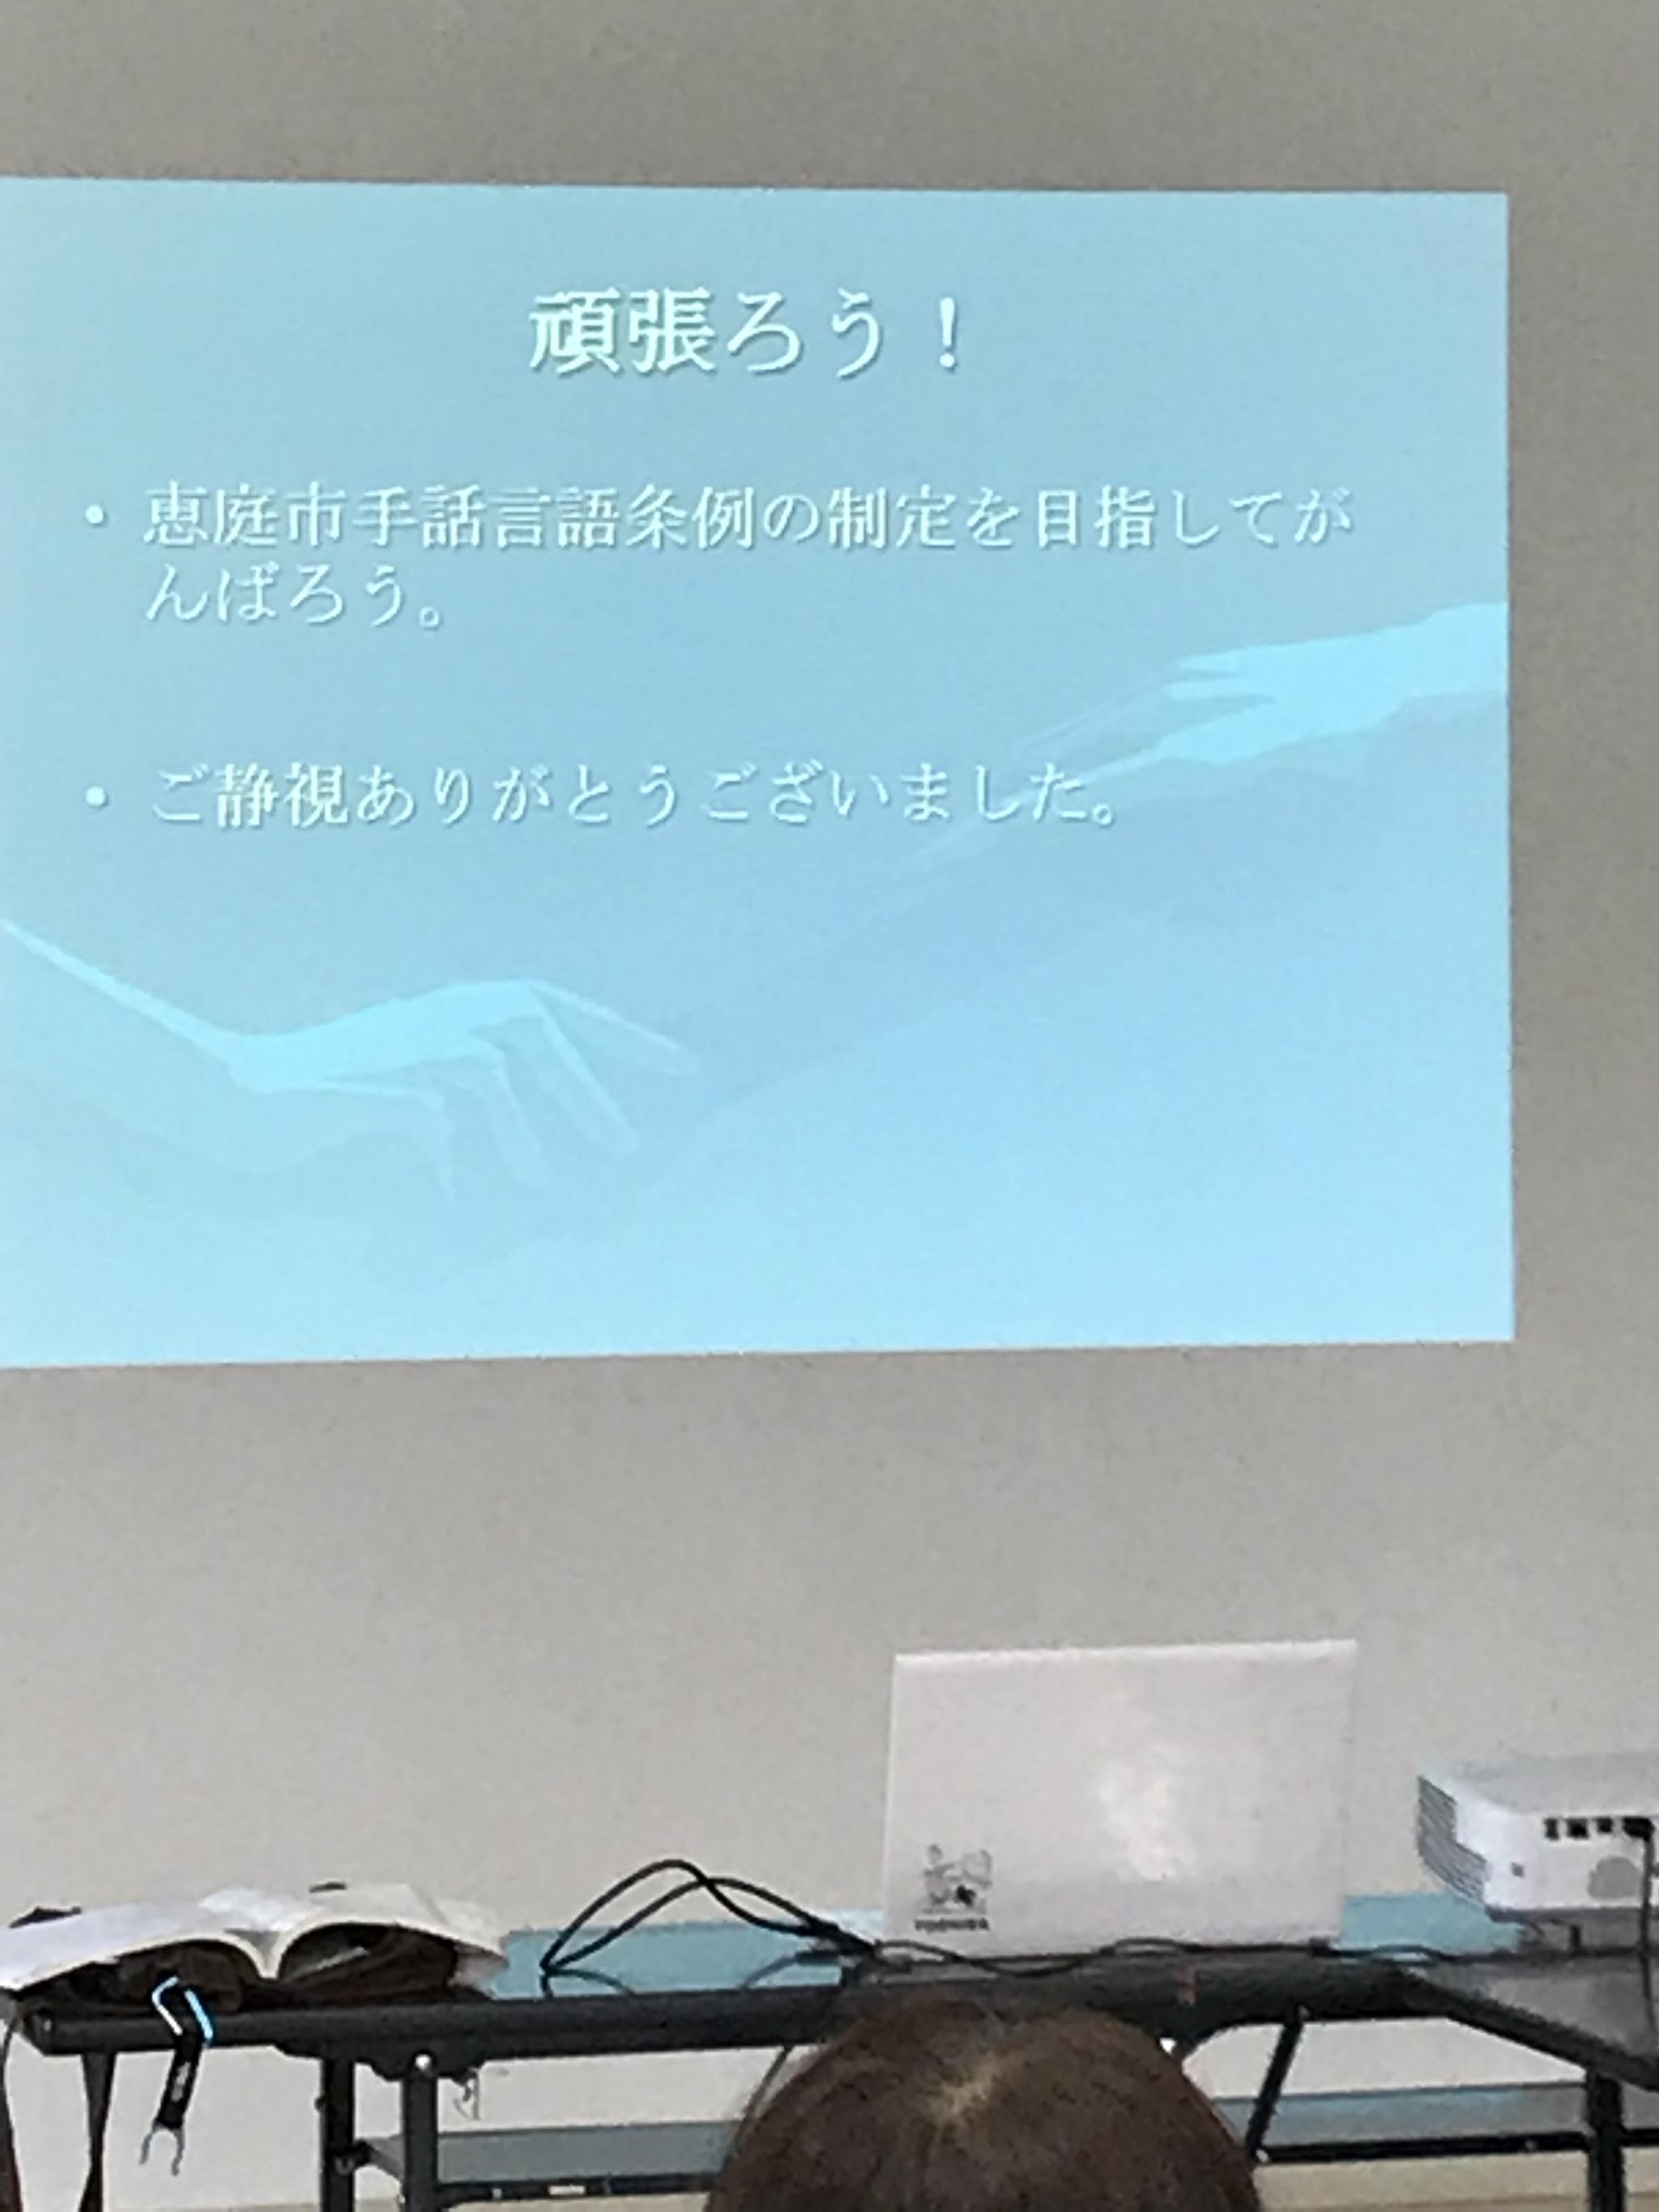 手話言語条例 学習会!